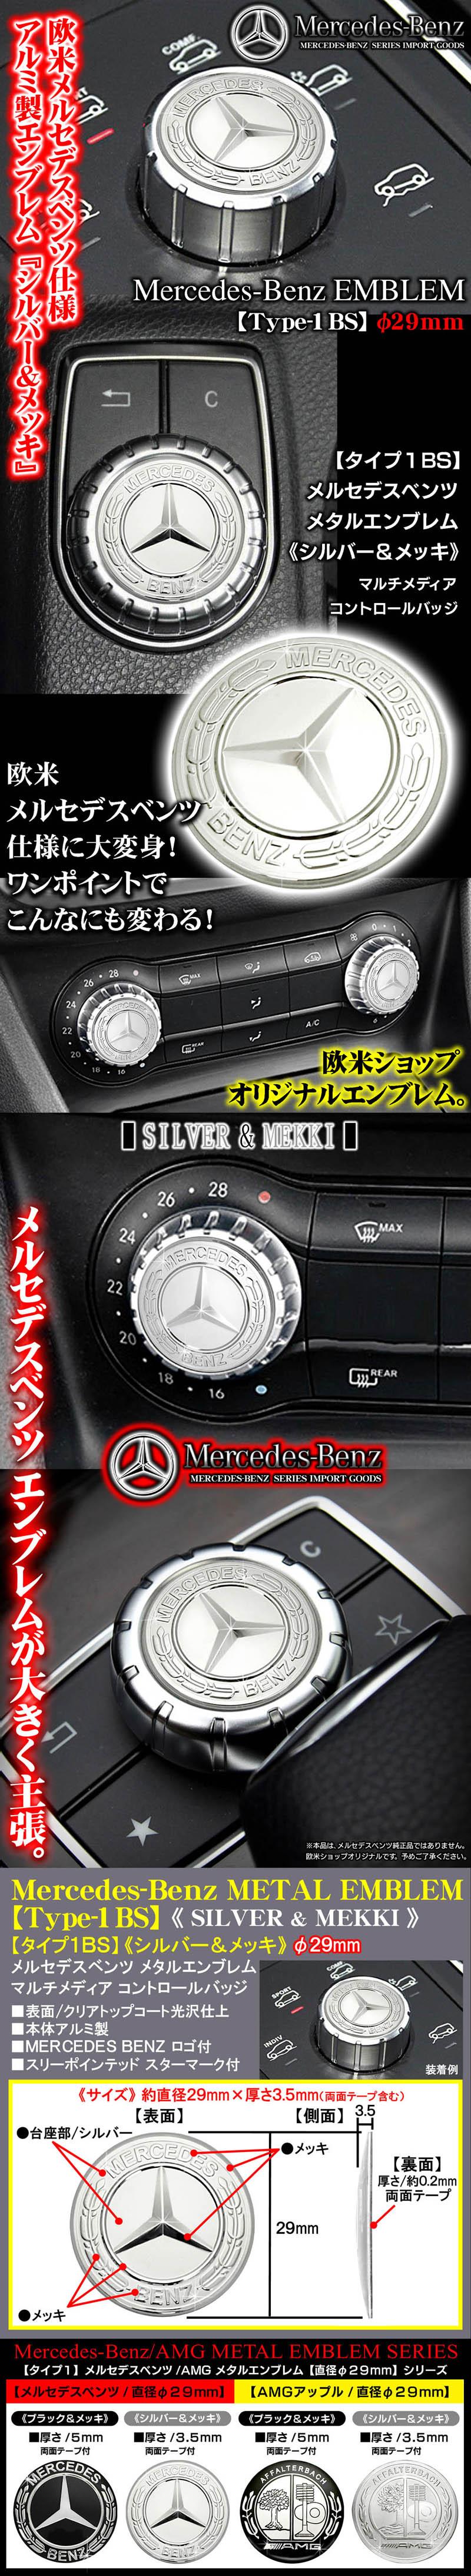 タイプ1BS/2P[メルセデスベンツΦ29mm/2個セット]シルバー&メッキ[Mercedes-Benz/アルミ製3Dエンブレム/両面テープ止め]各種マルチメディア コントロールノブ部用バッジ/ブラガ